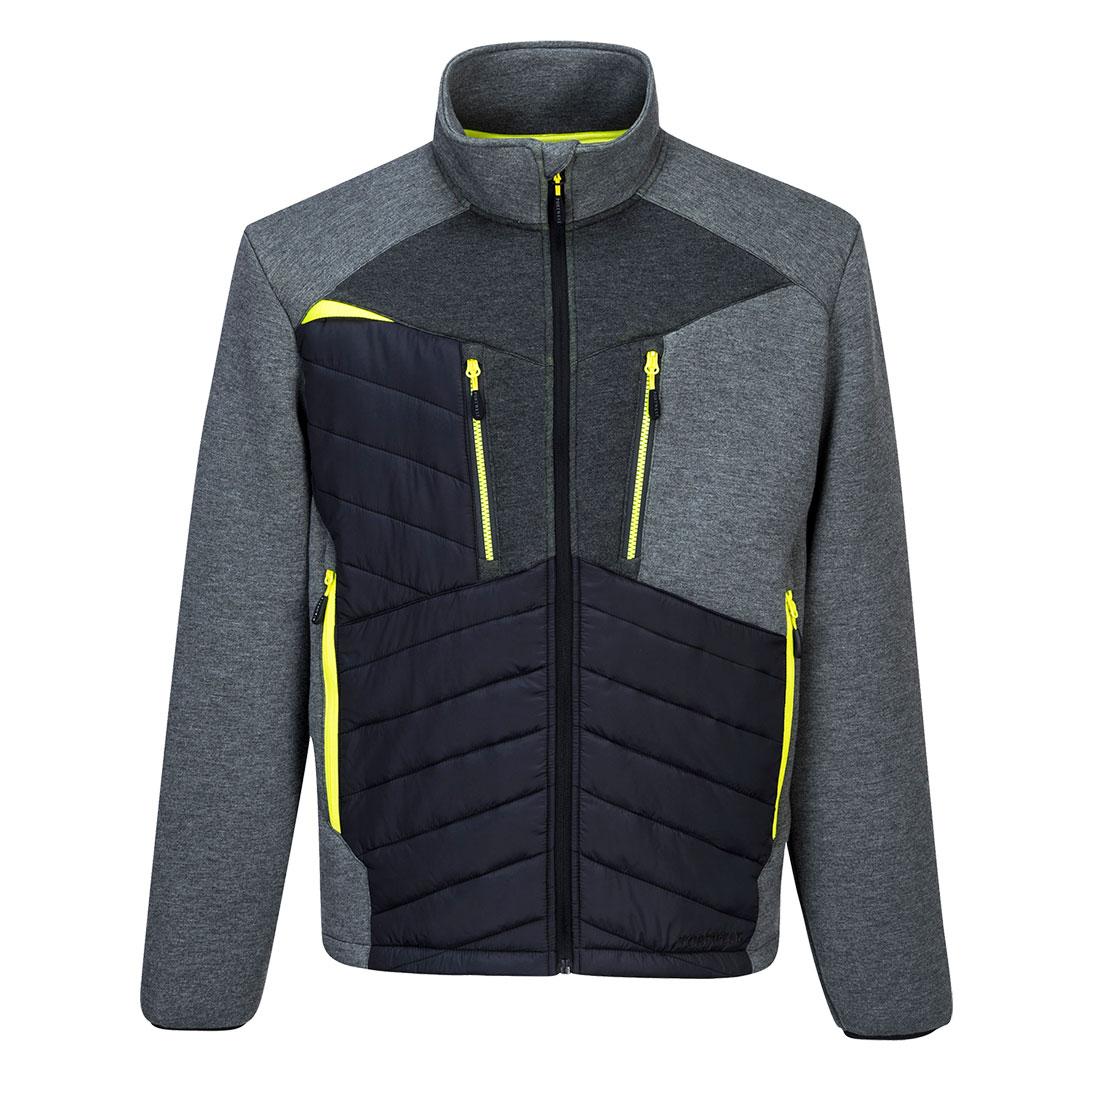 DX4 Jacket Metal Grey XXLR